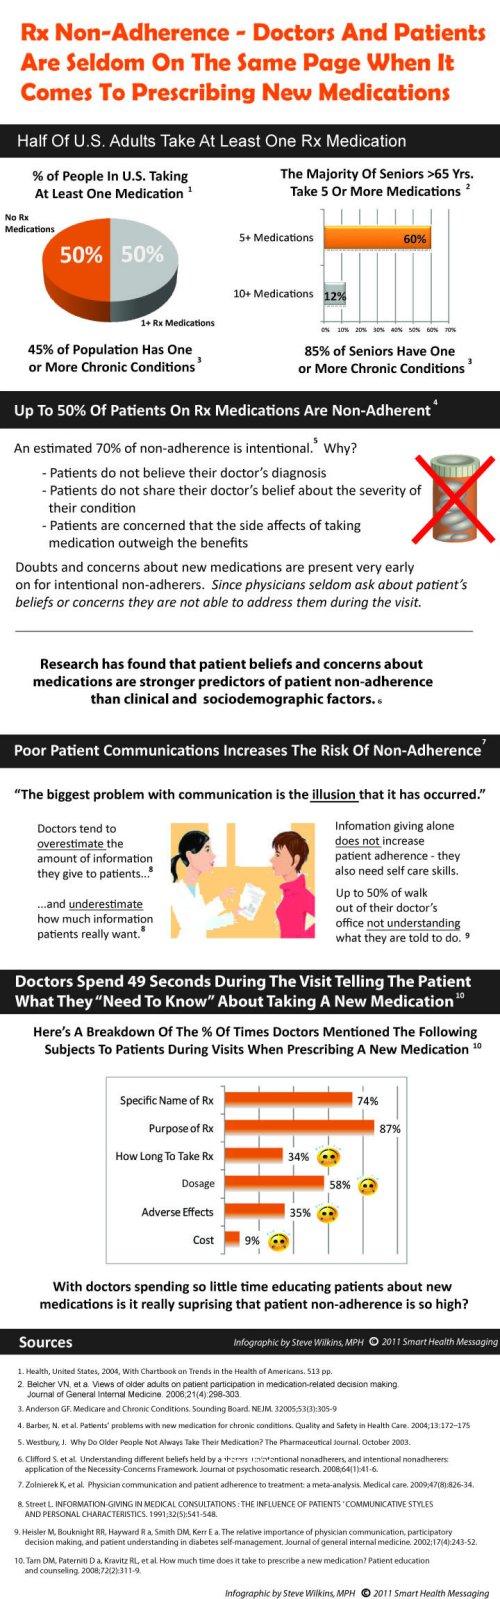 patient-non-compliance-infographic3